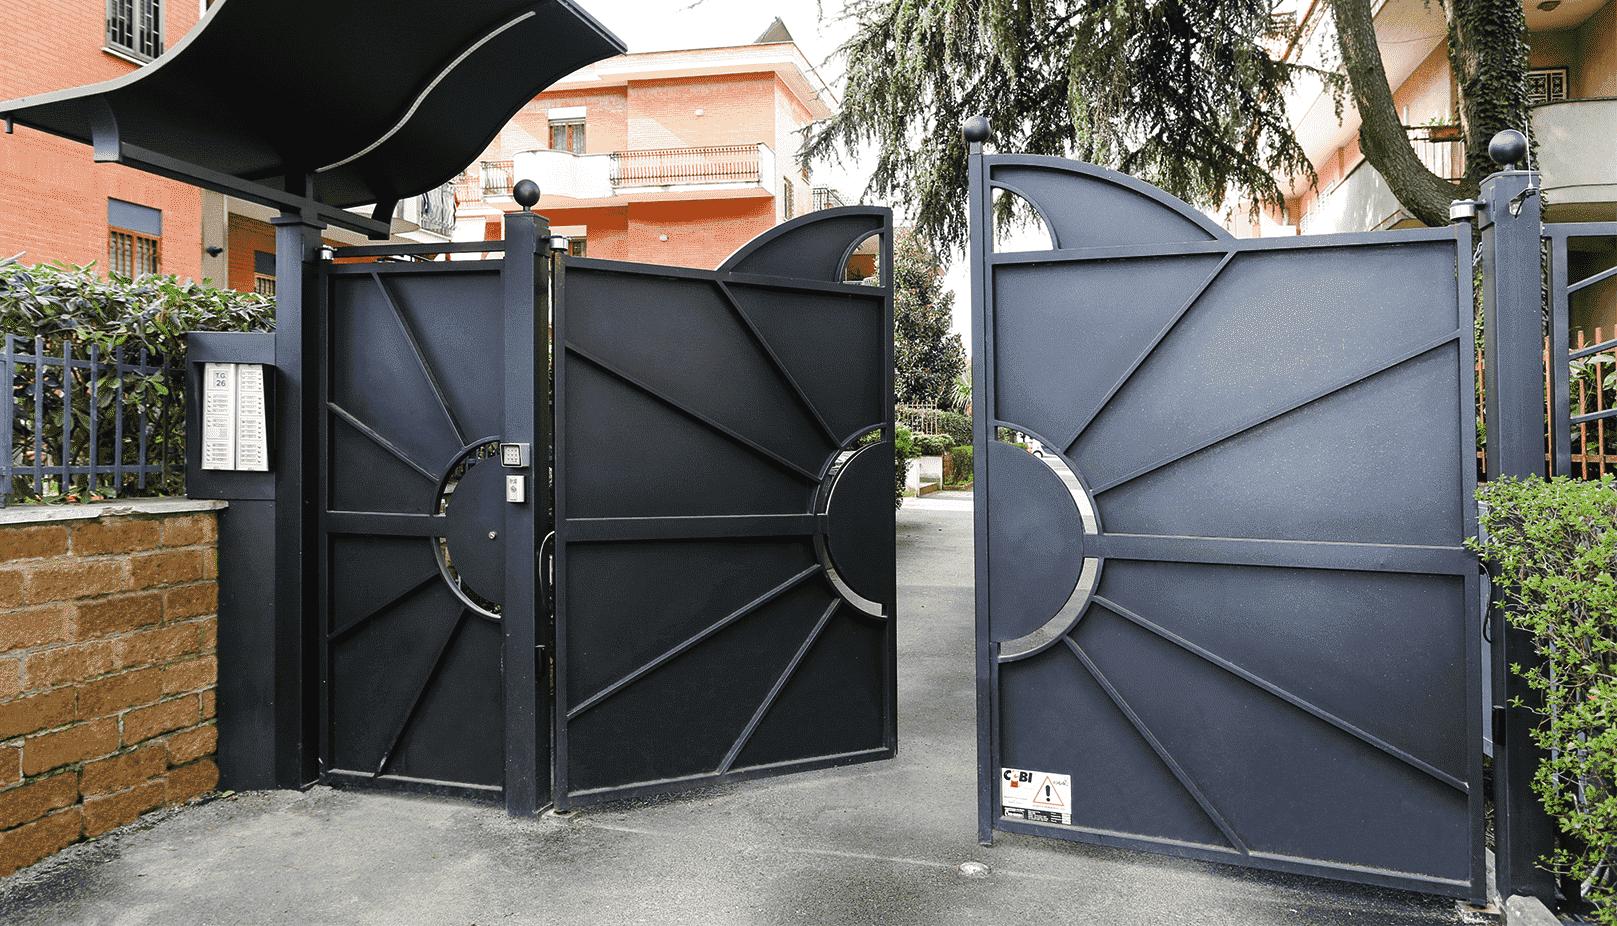 Cancelli automatici KiKO a Roma - monoblocco chiavi in mano